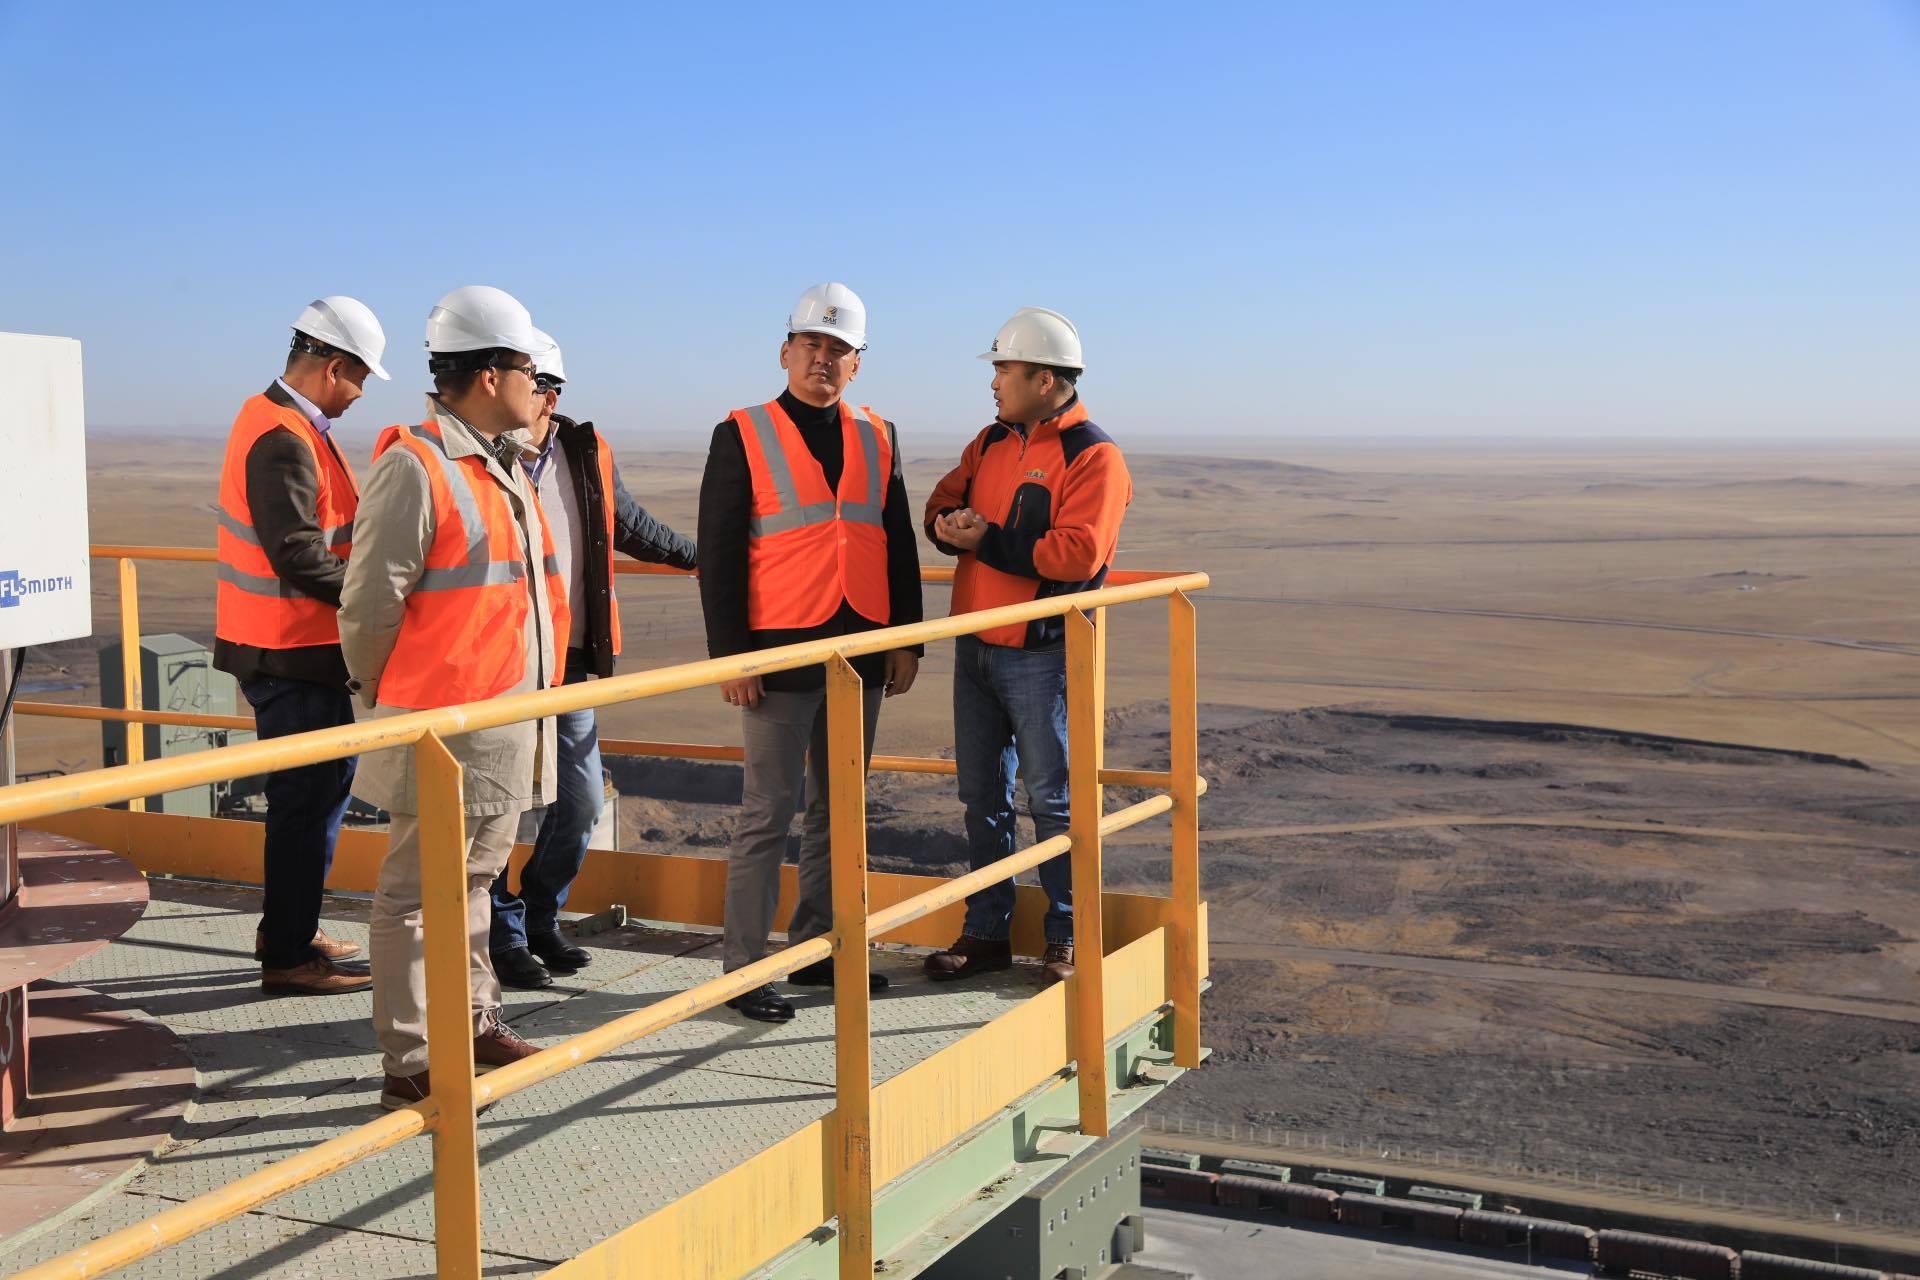 Газрын тос боловсруулах үйлдвэрийн дэд бүтцийн ажил 40 хувьтай байна